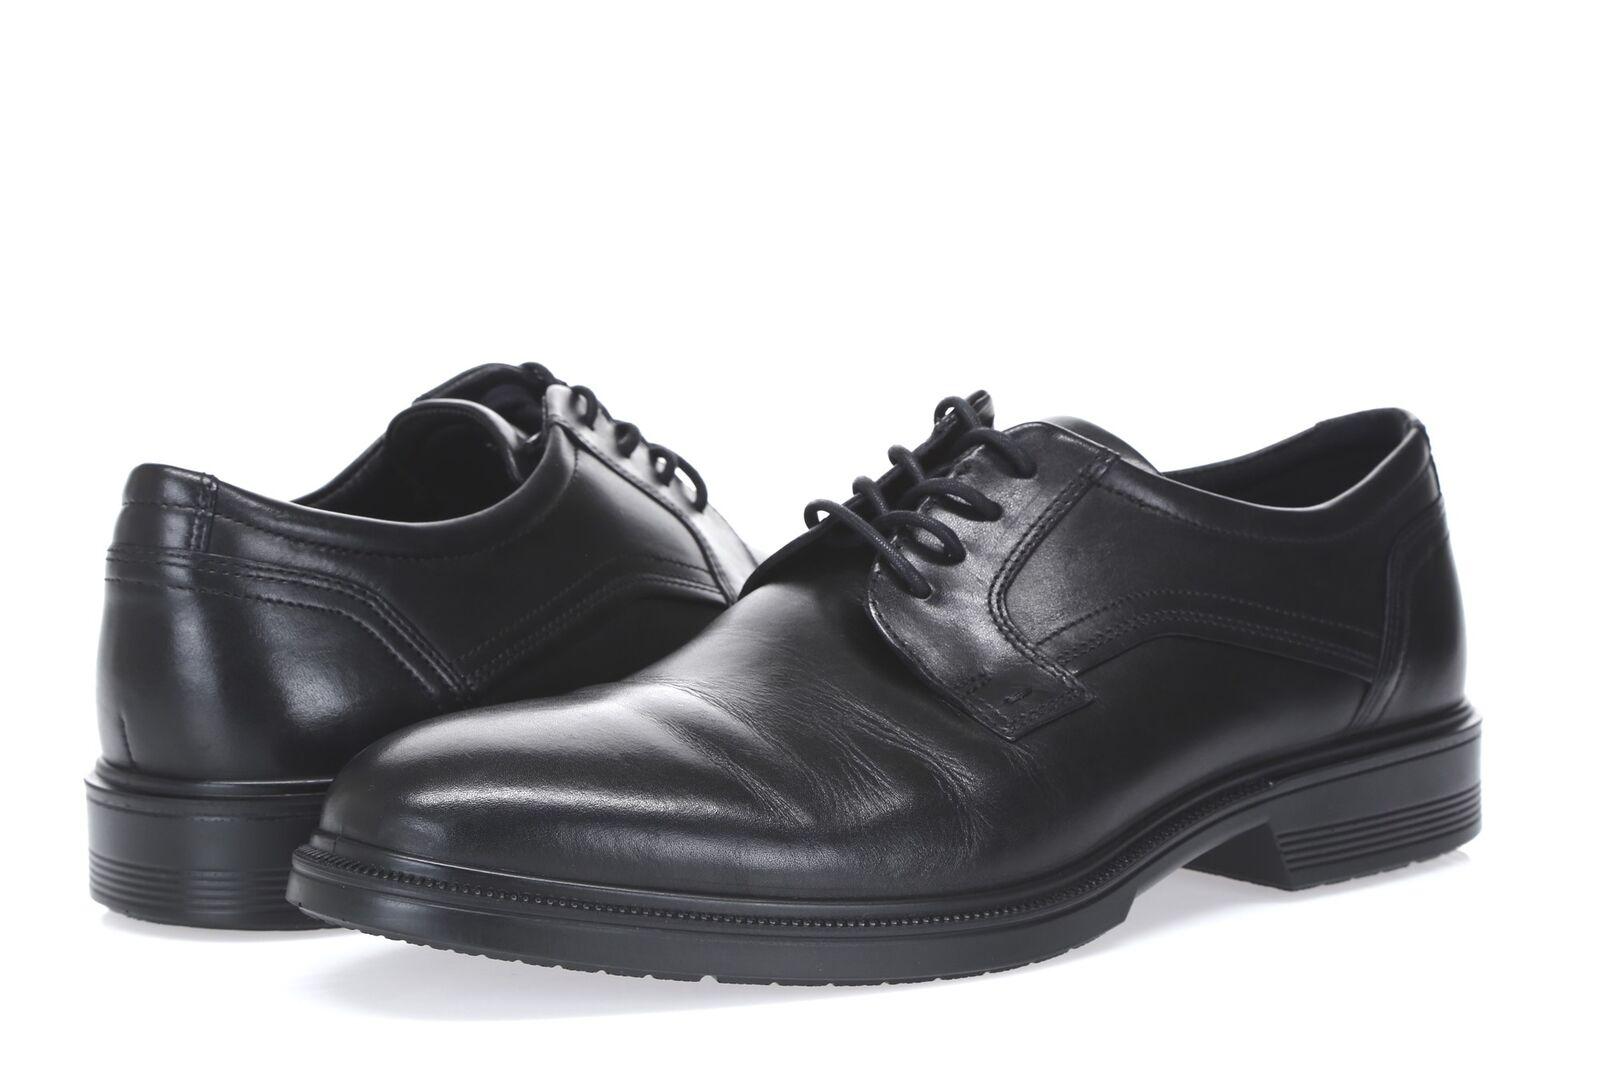 acquisti online ECCO ECCO ECCO 234626 Lisbon Plain Toe nero Leather Oxford scarpe sz. 45 US 11-11.5  autentico